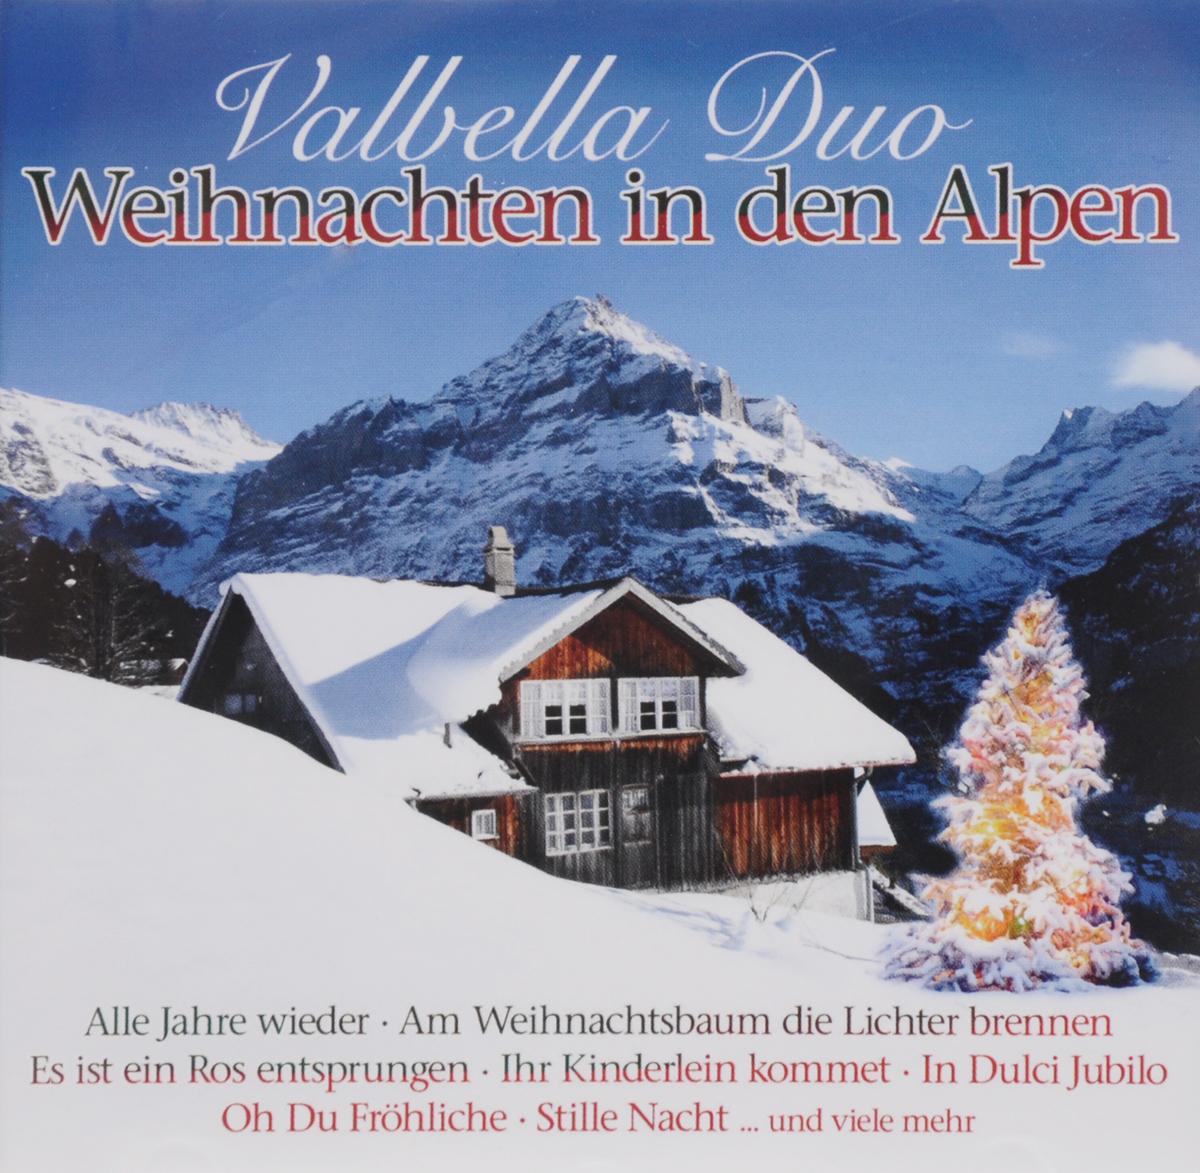 Valbella Duo Valbella Duo. Weihnachten In Den Alpen neues bauen in den alpen architettura contemporanea alpina new alpine architecture